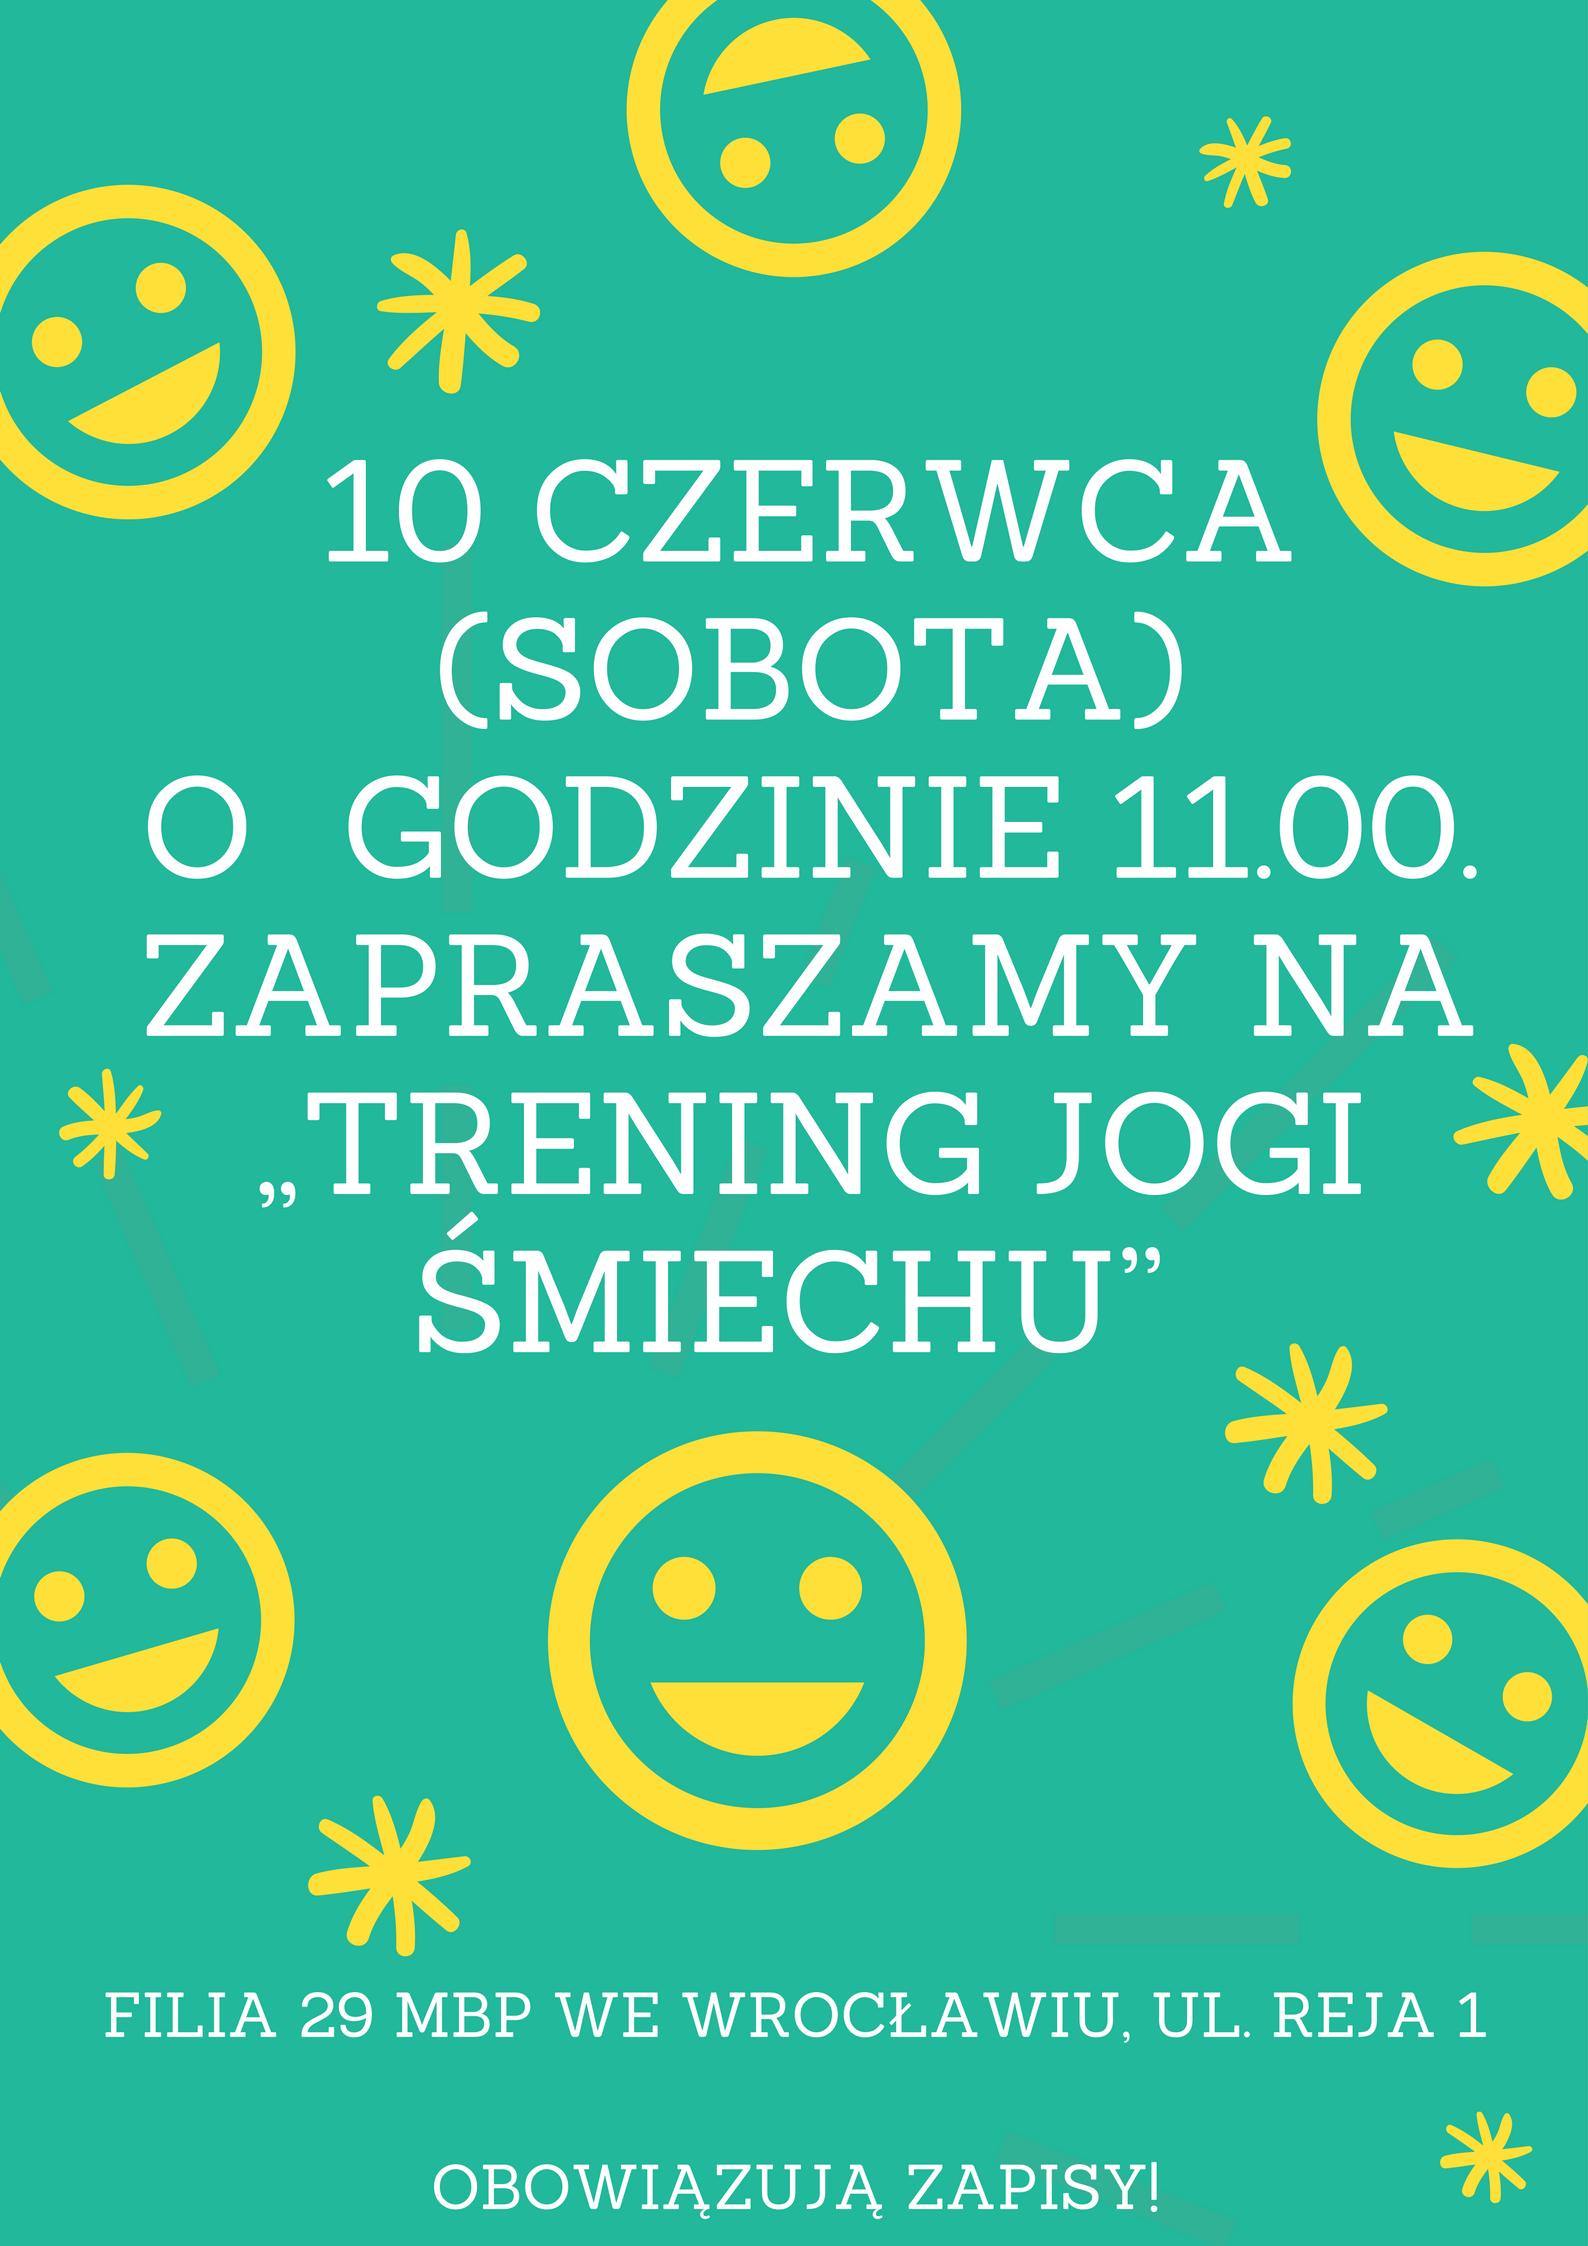 Trening Jogi śmiechu - bezpłatne warsztaty dla rodziców